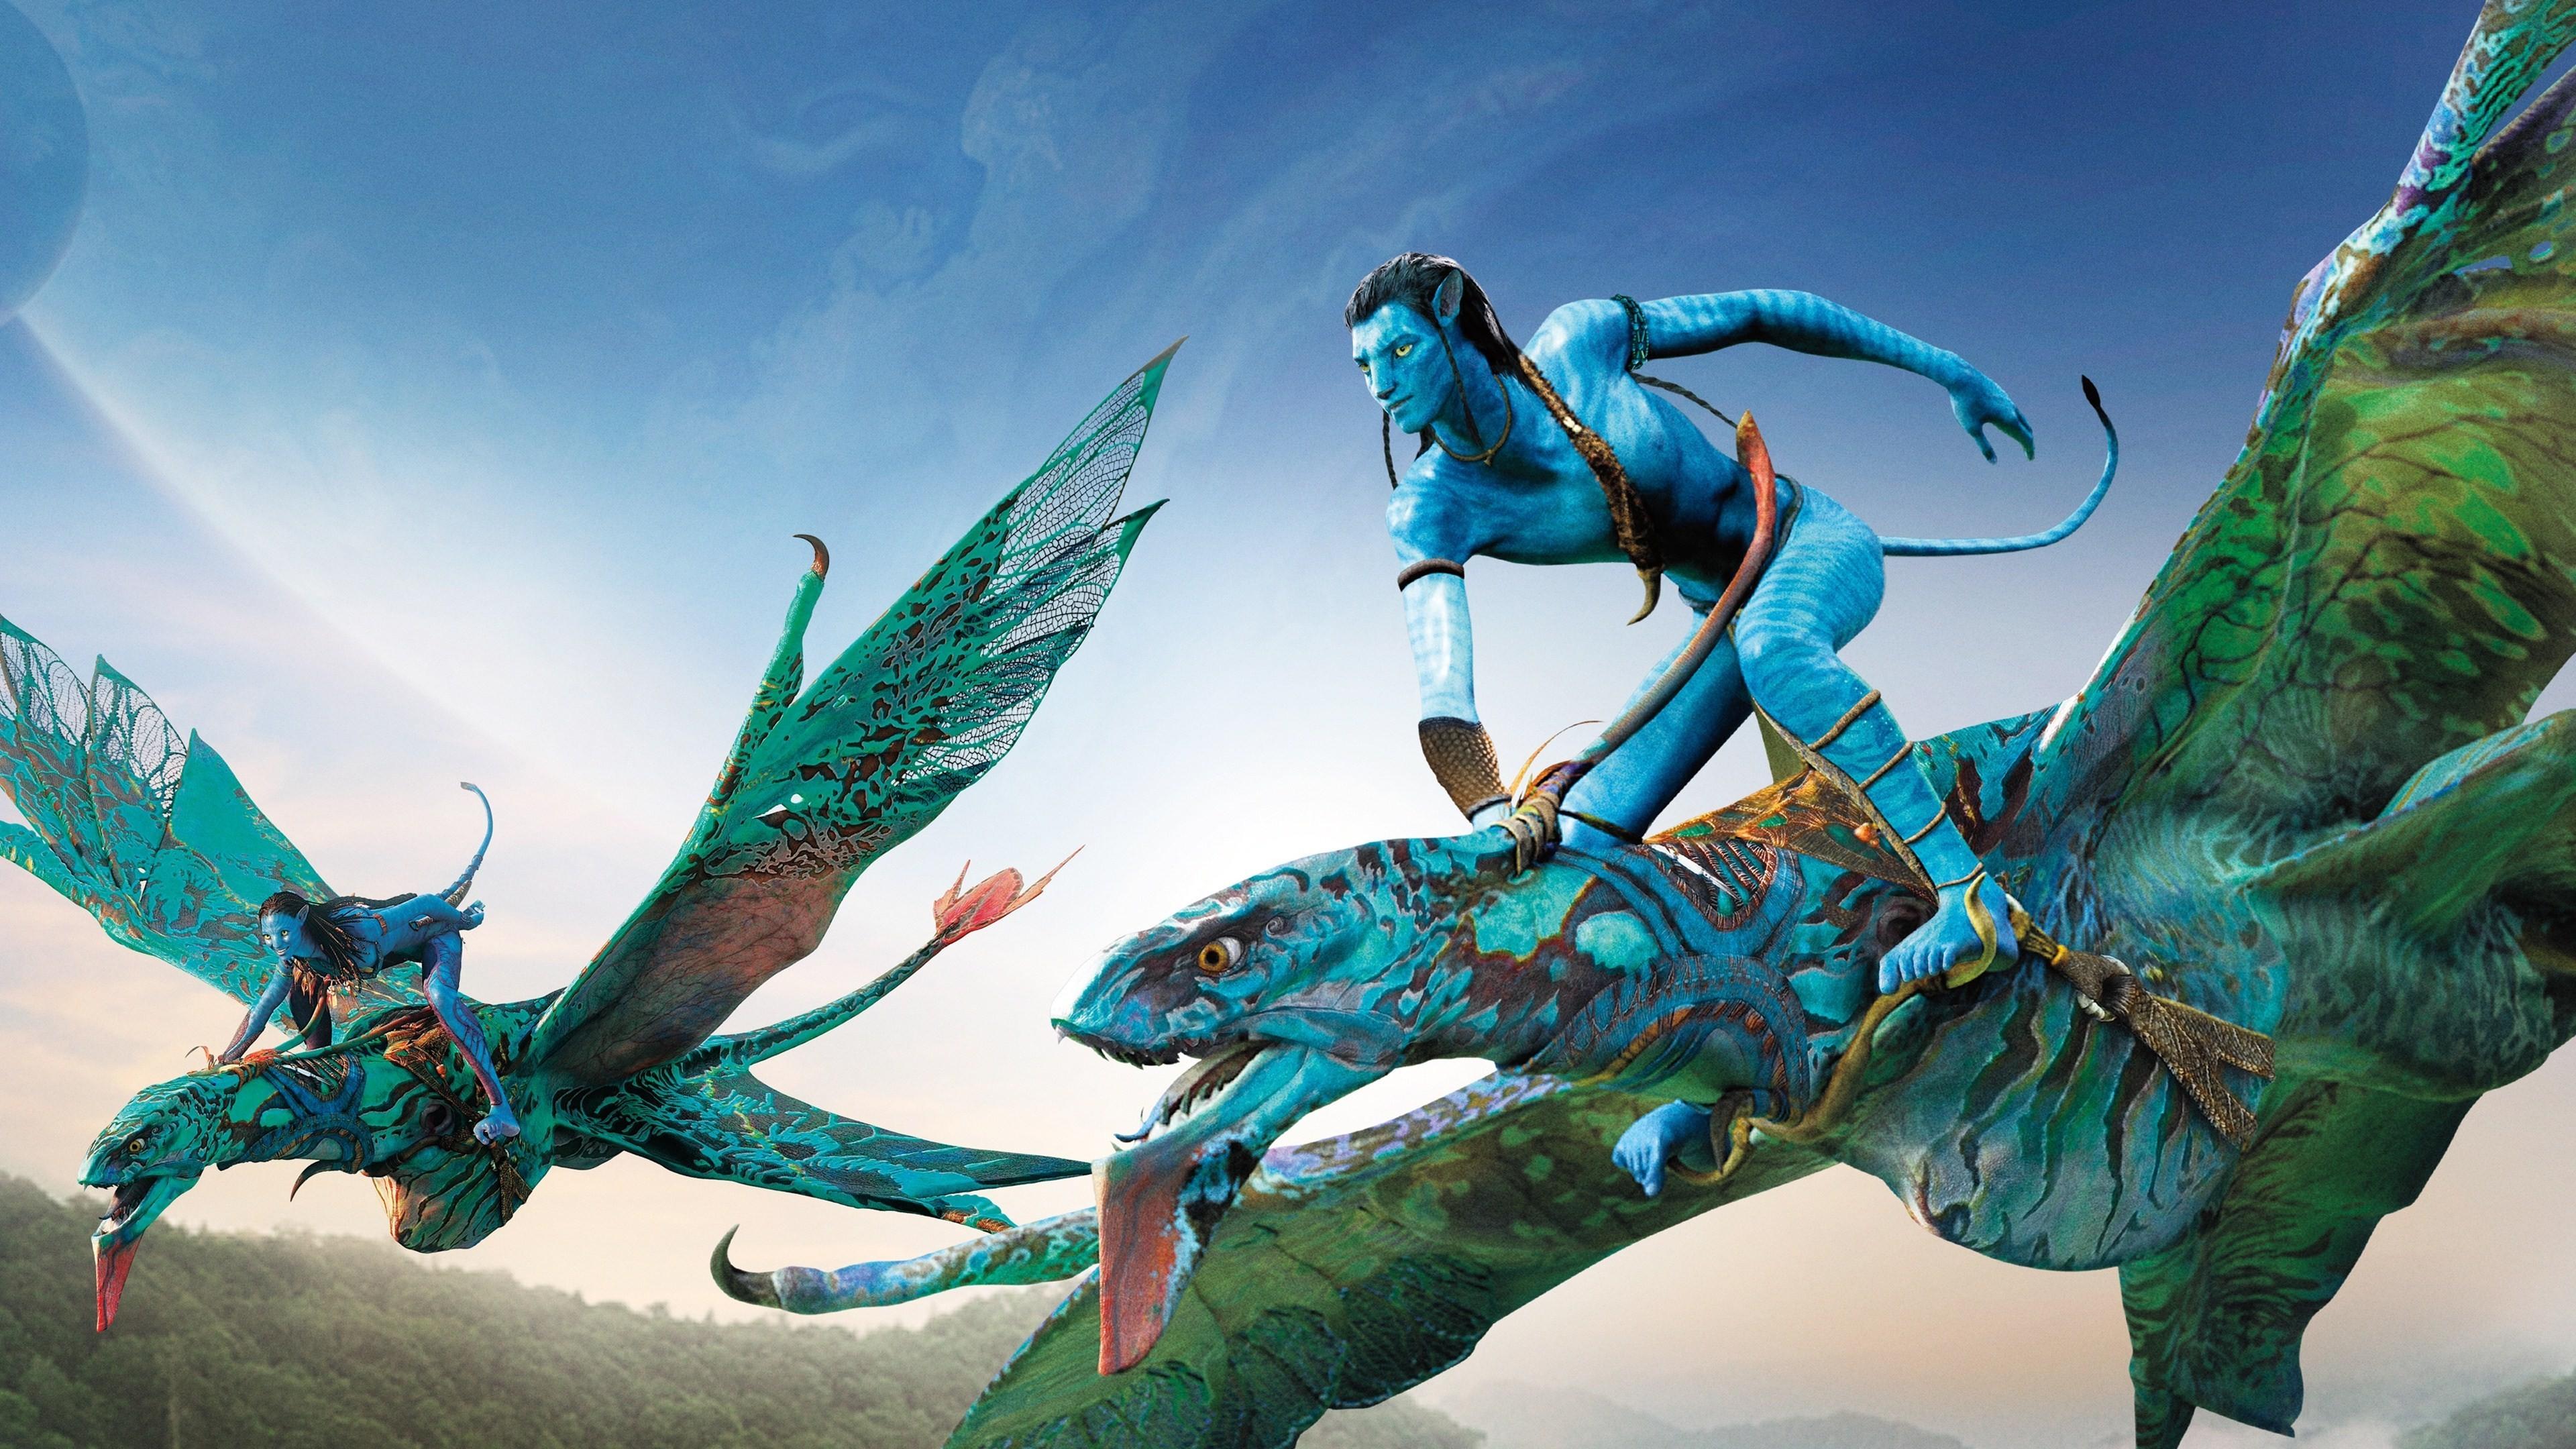 Fond Décran 3840x2160 Px 3d Avatar Jake Sully Neytiri